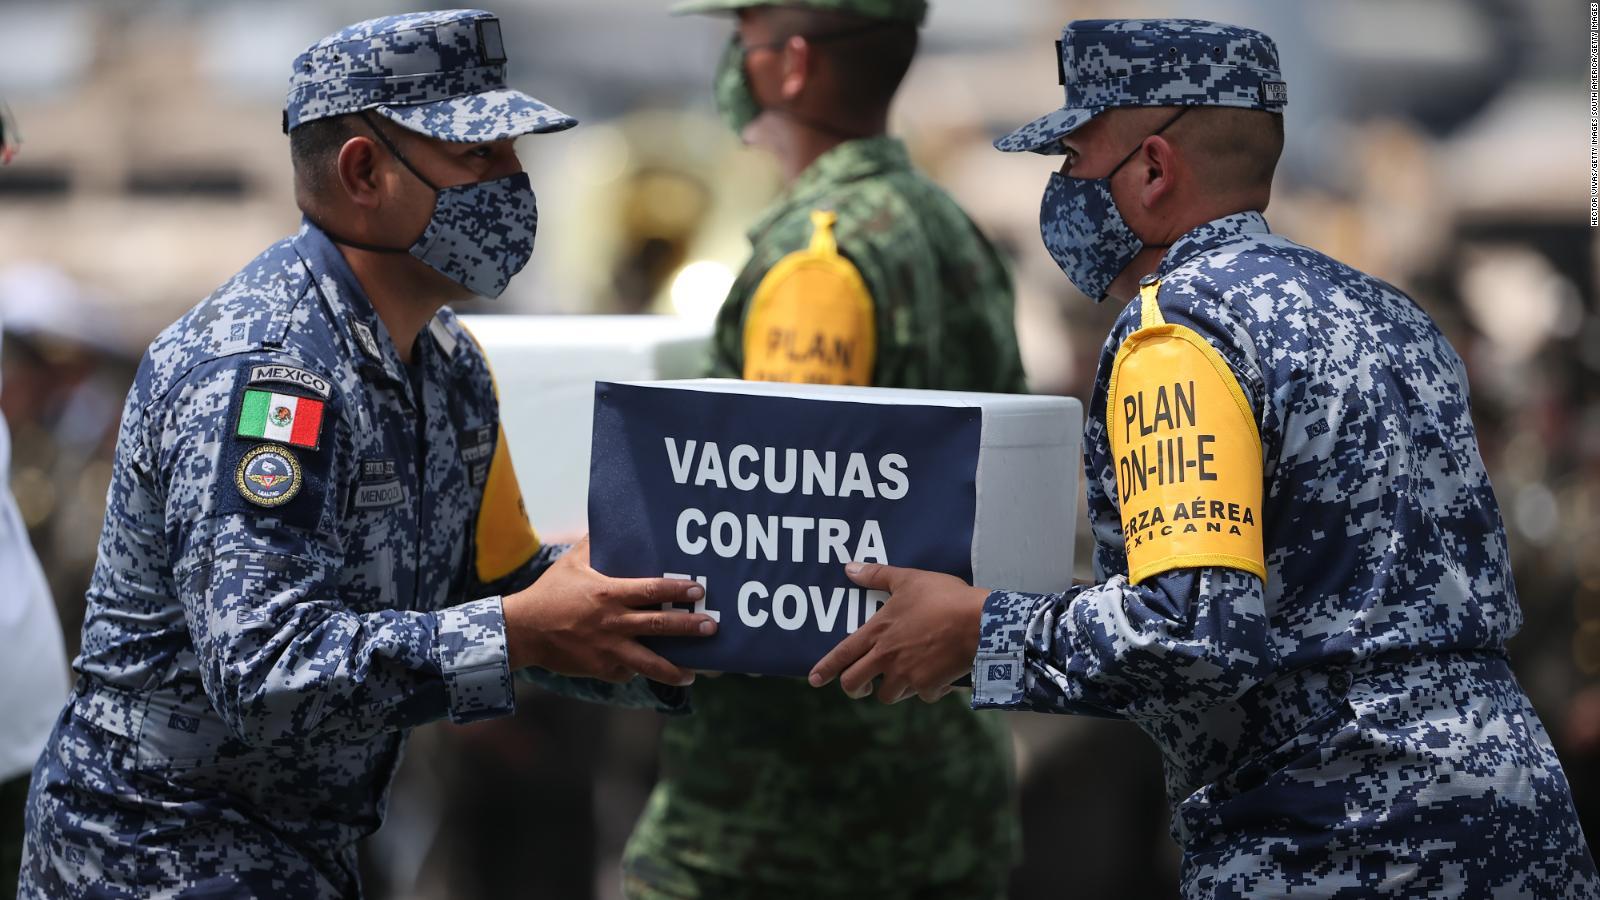 A México le falta capacidad logística para acelerar la vacunación contra el covid-19, dice analista